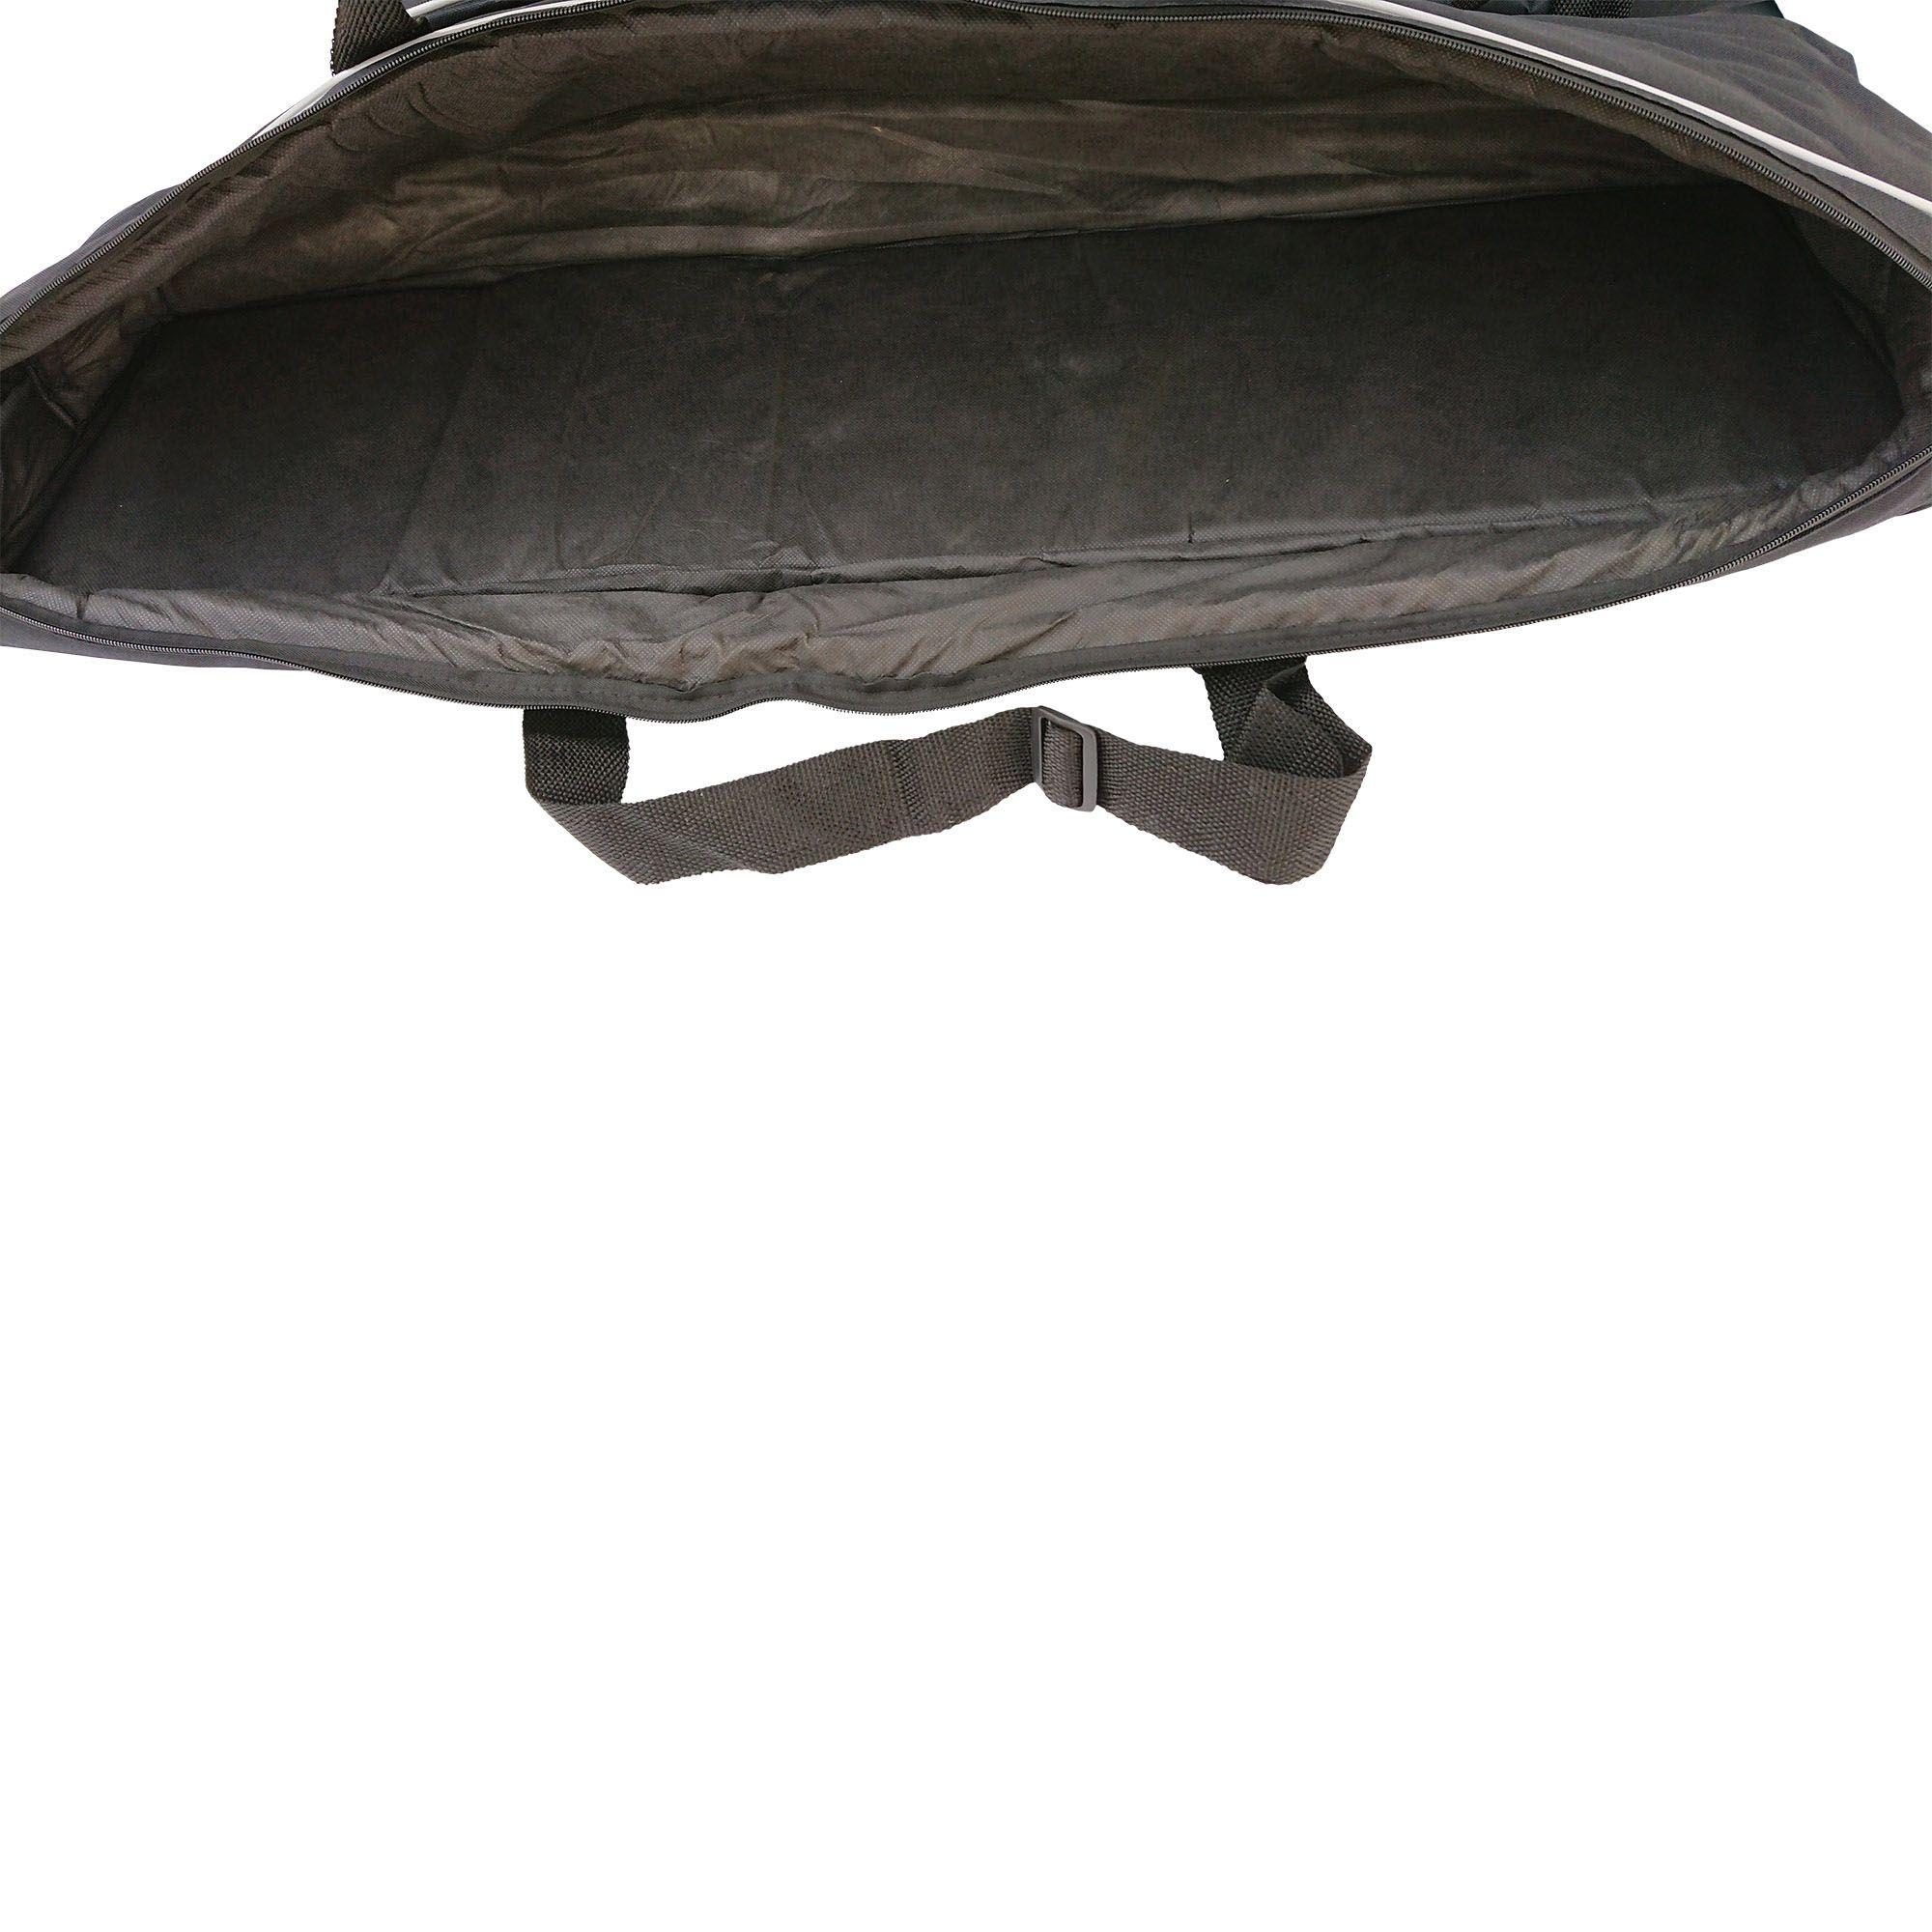 Capa Bag para Teclado Semi-case gold para FA08, JUNO-DS88, Oxygen 88 e outros (142 x 35 x 15 cm)